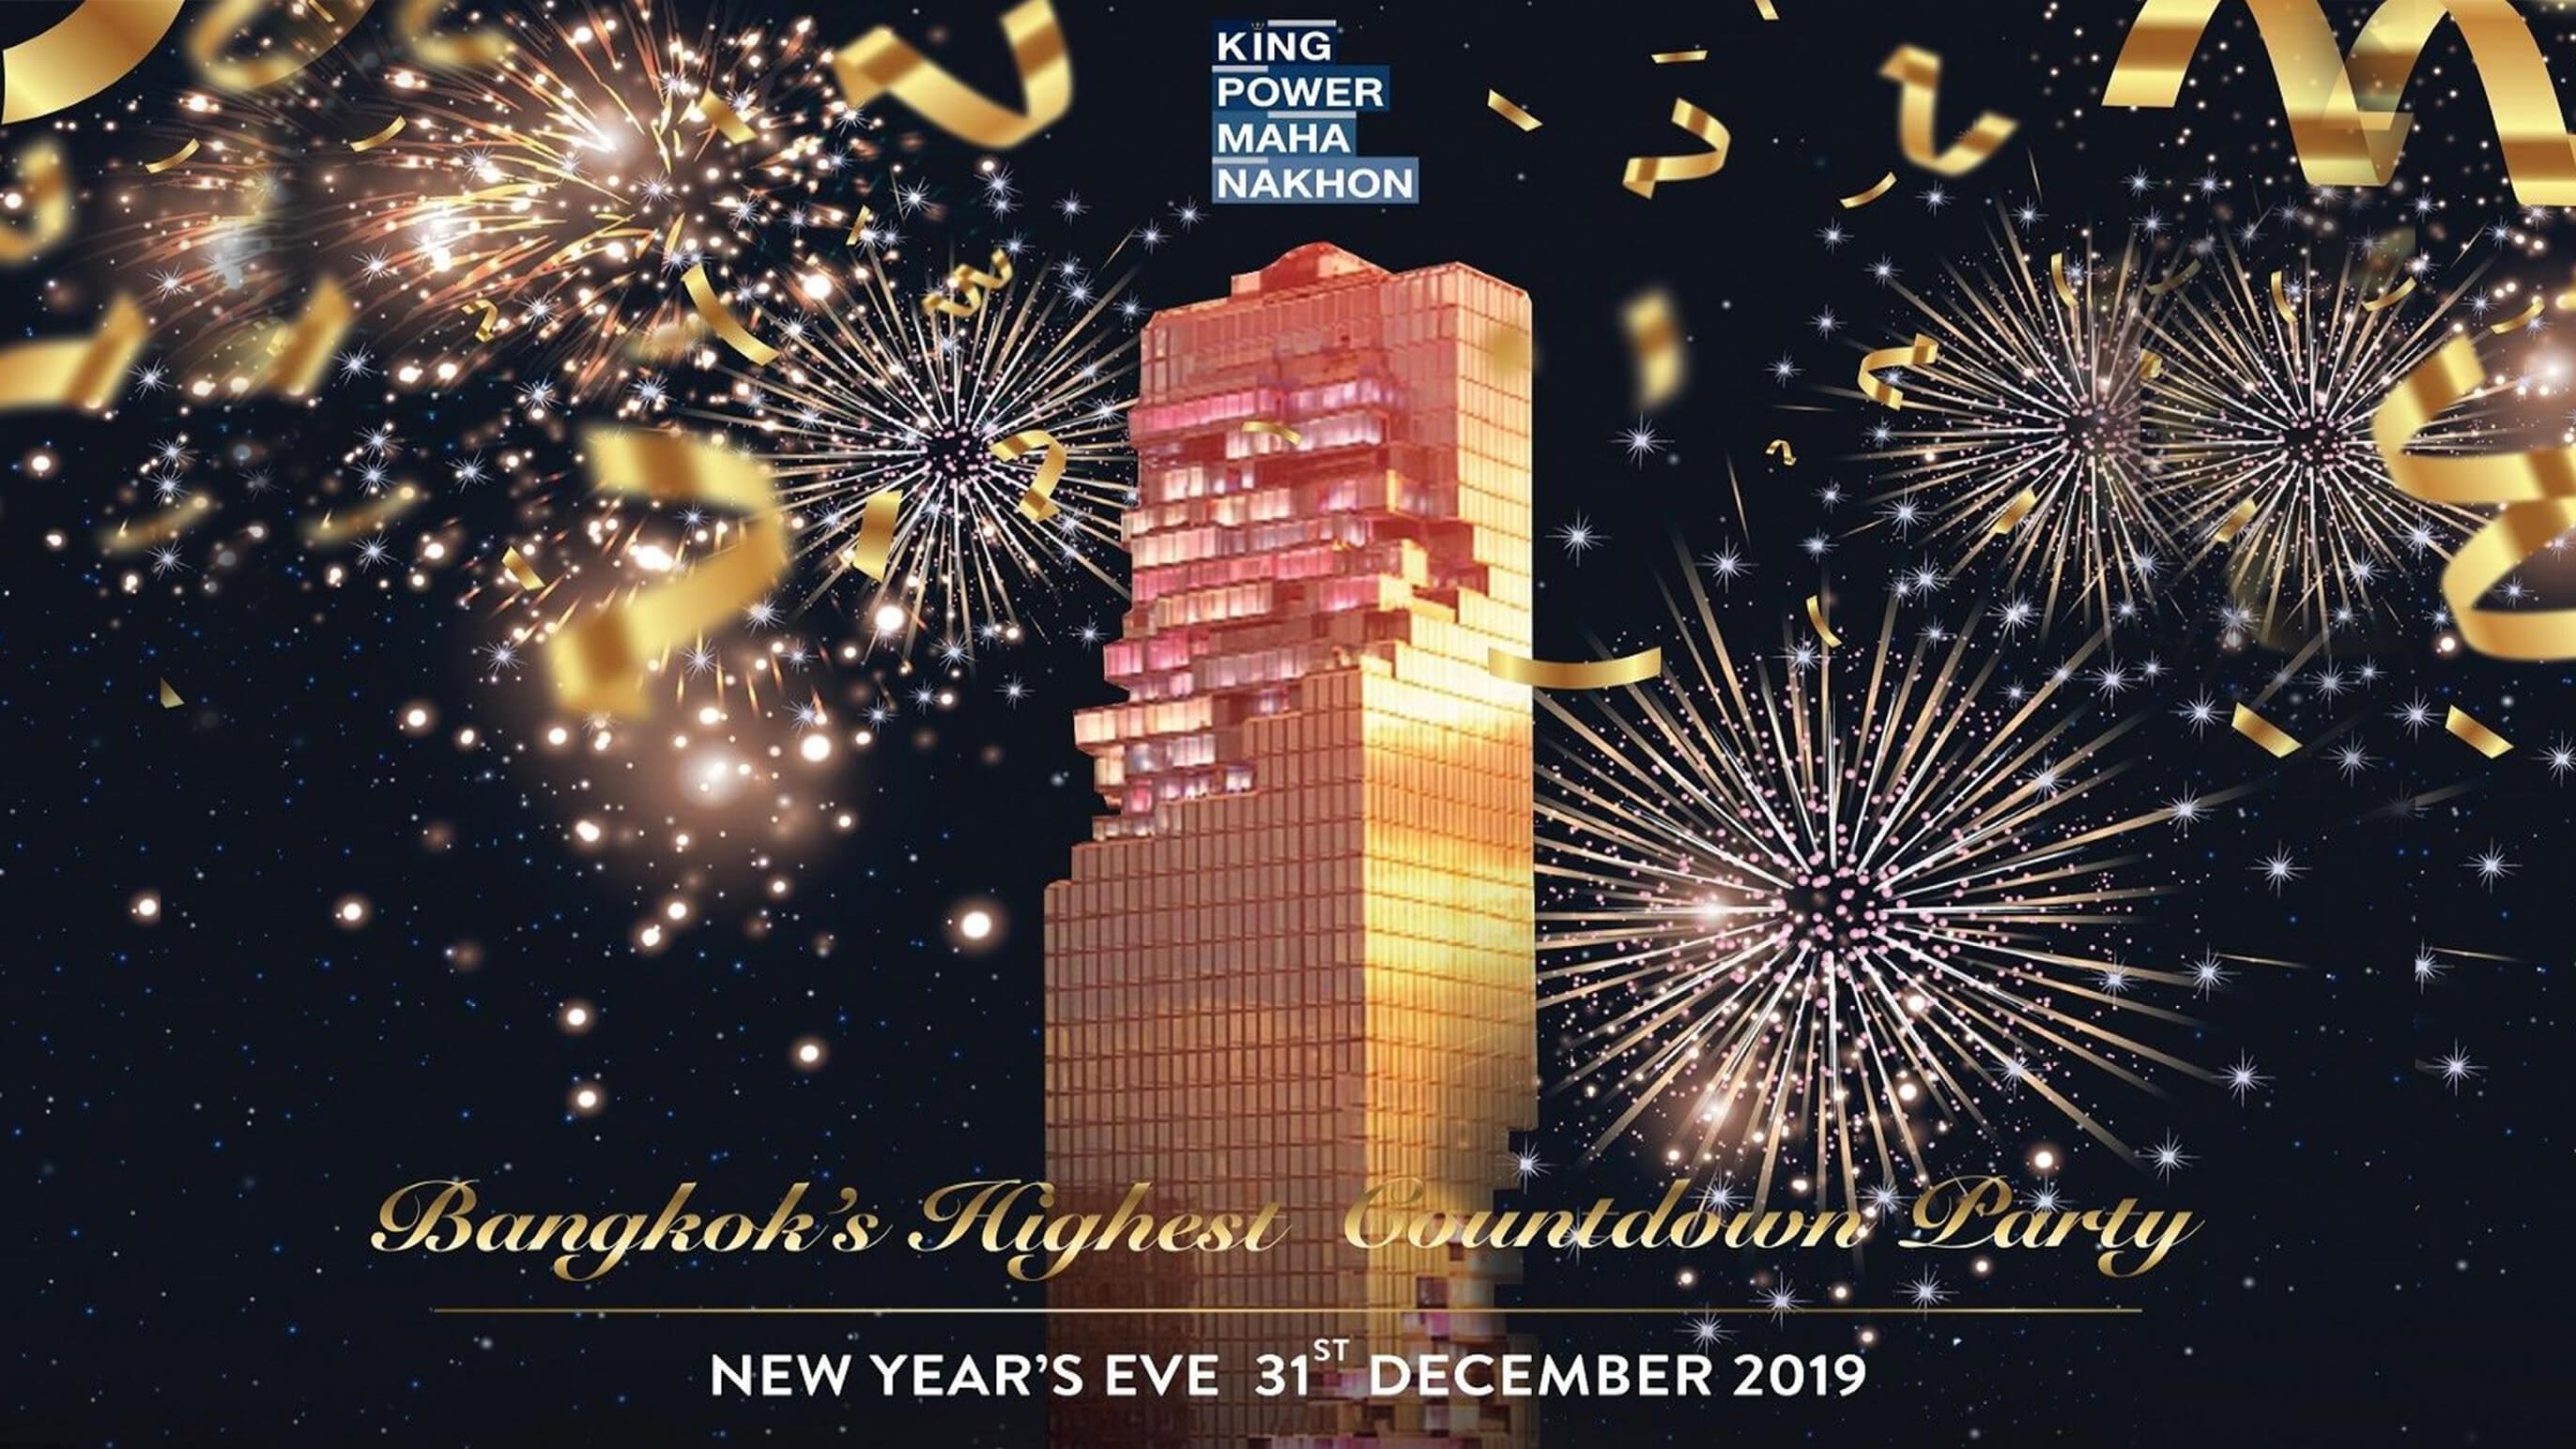 """""""คิง เพาเวอร์ มหานคร"""" ชวนฉลองปีใหม่กับปาร์ตี้ที่สูงที่สุดในกรุงเทพฯ"""